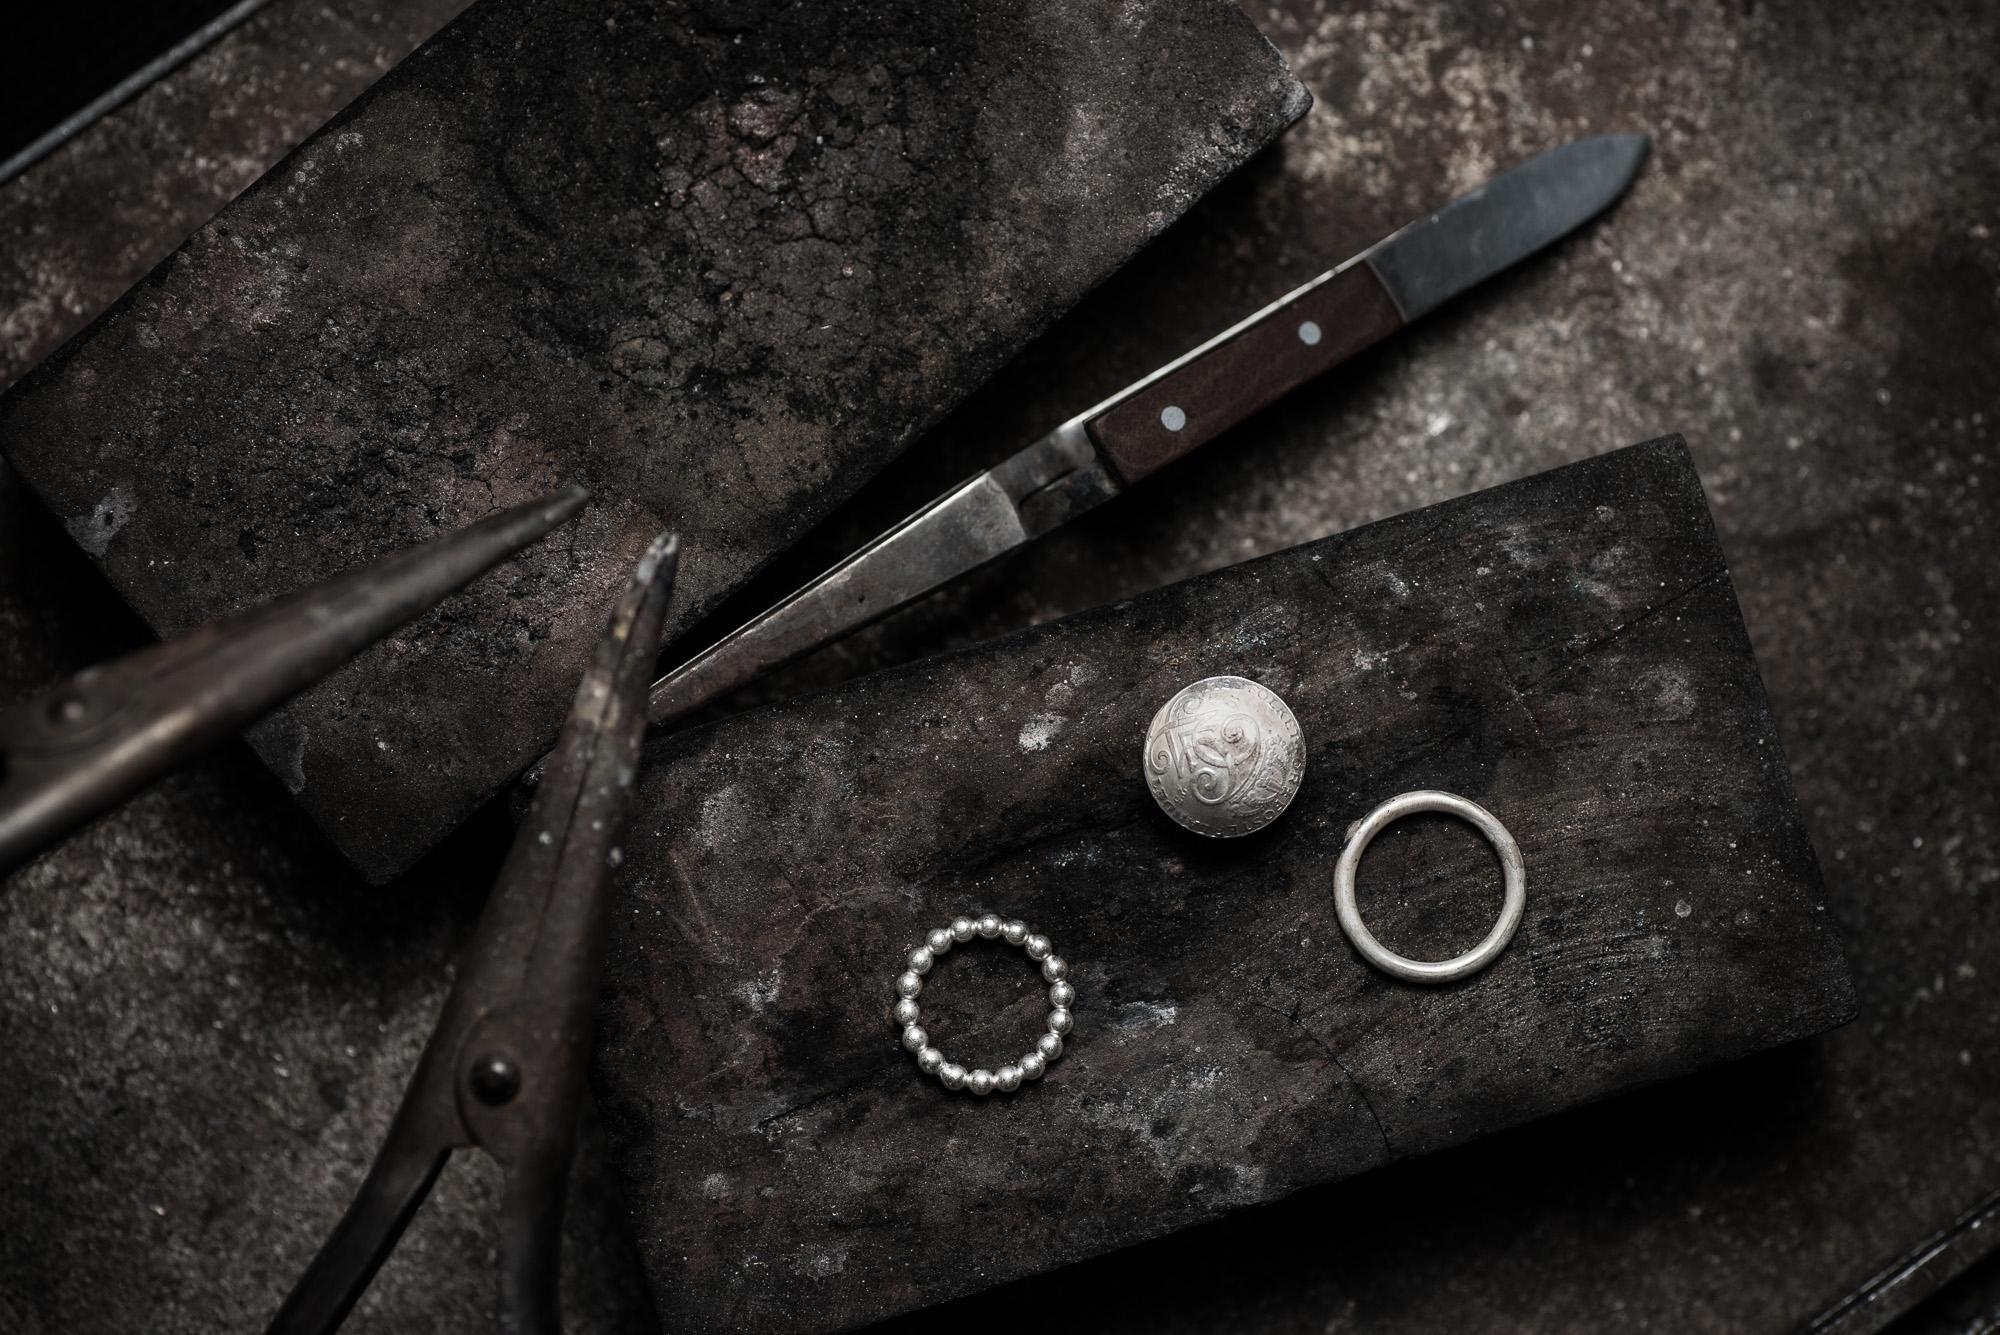 Smyckevalvet - Där ditt smycke blir skapat